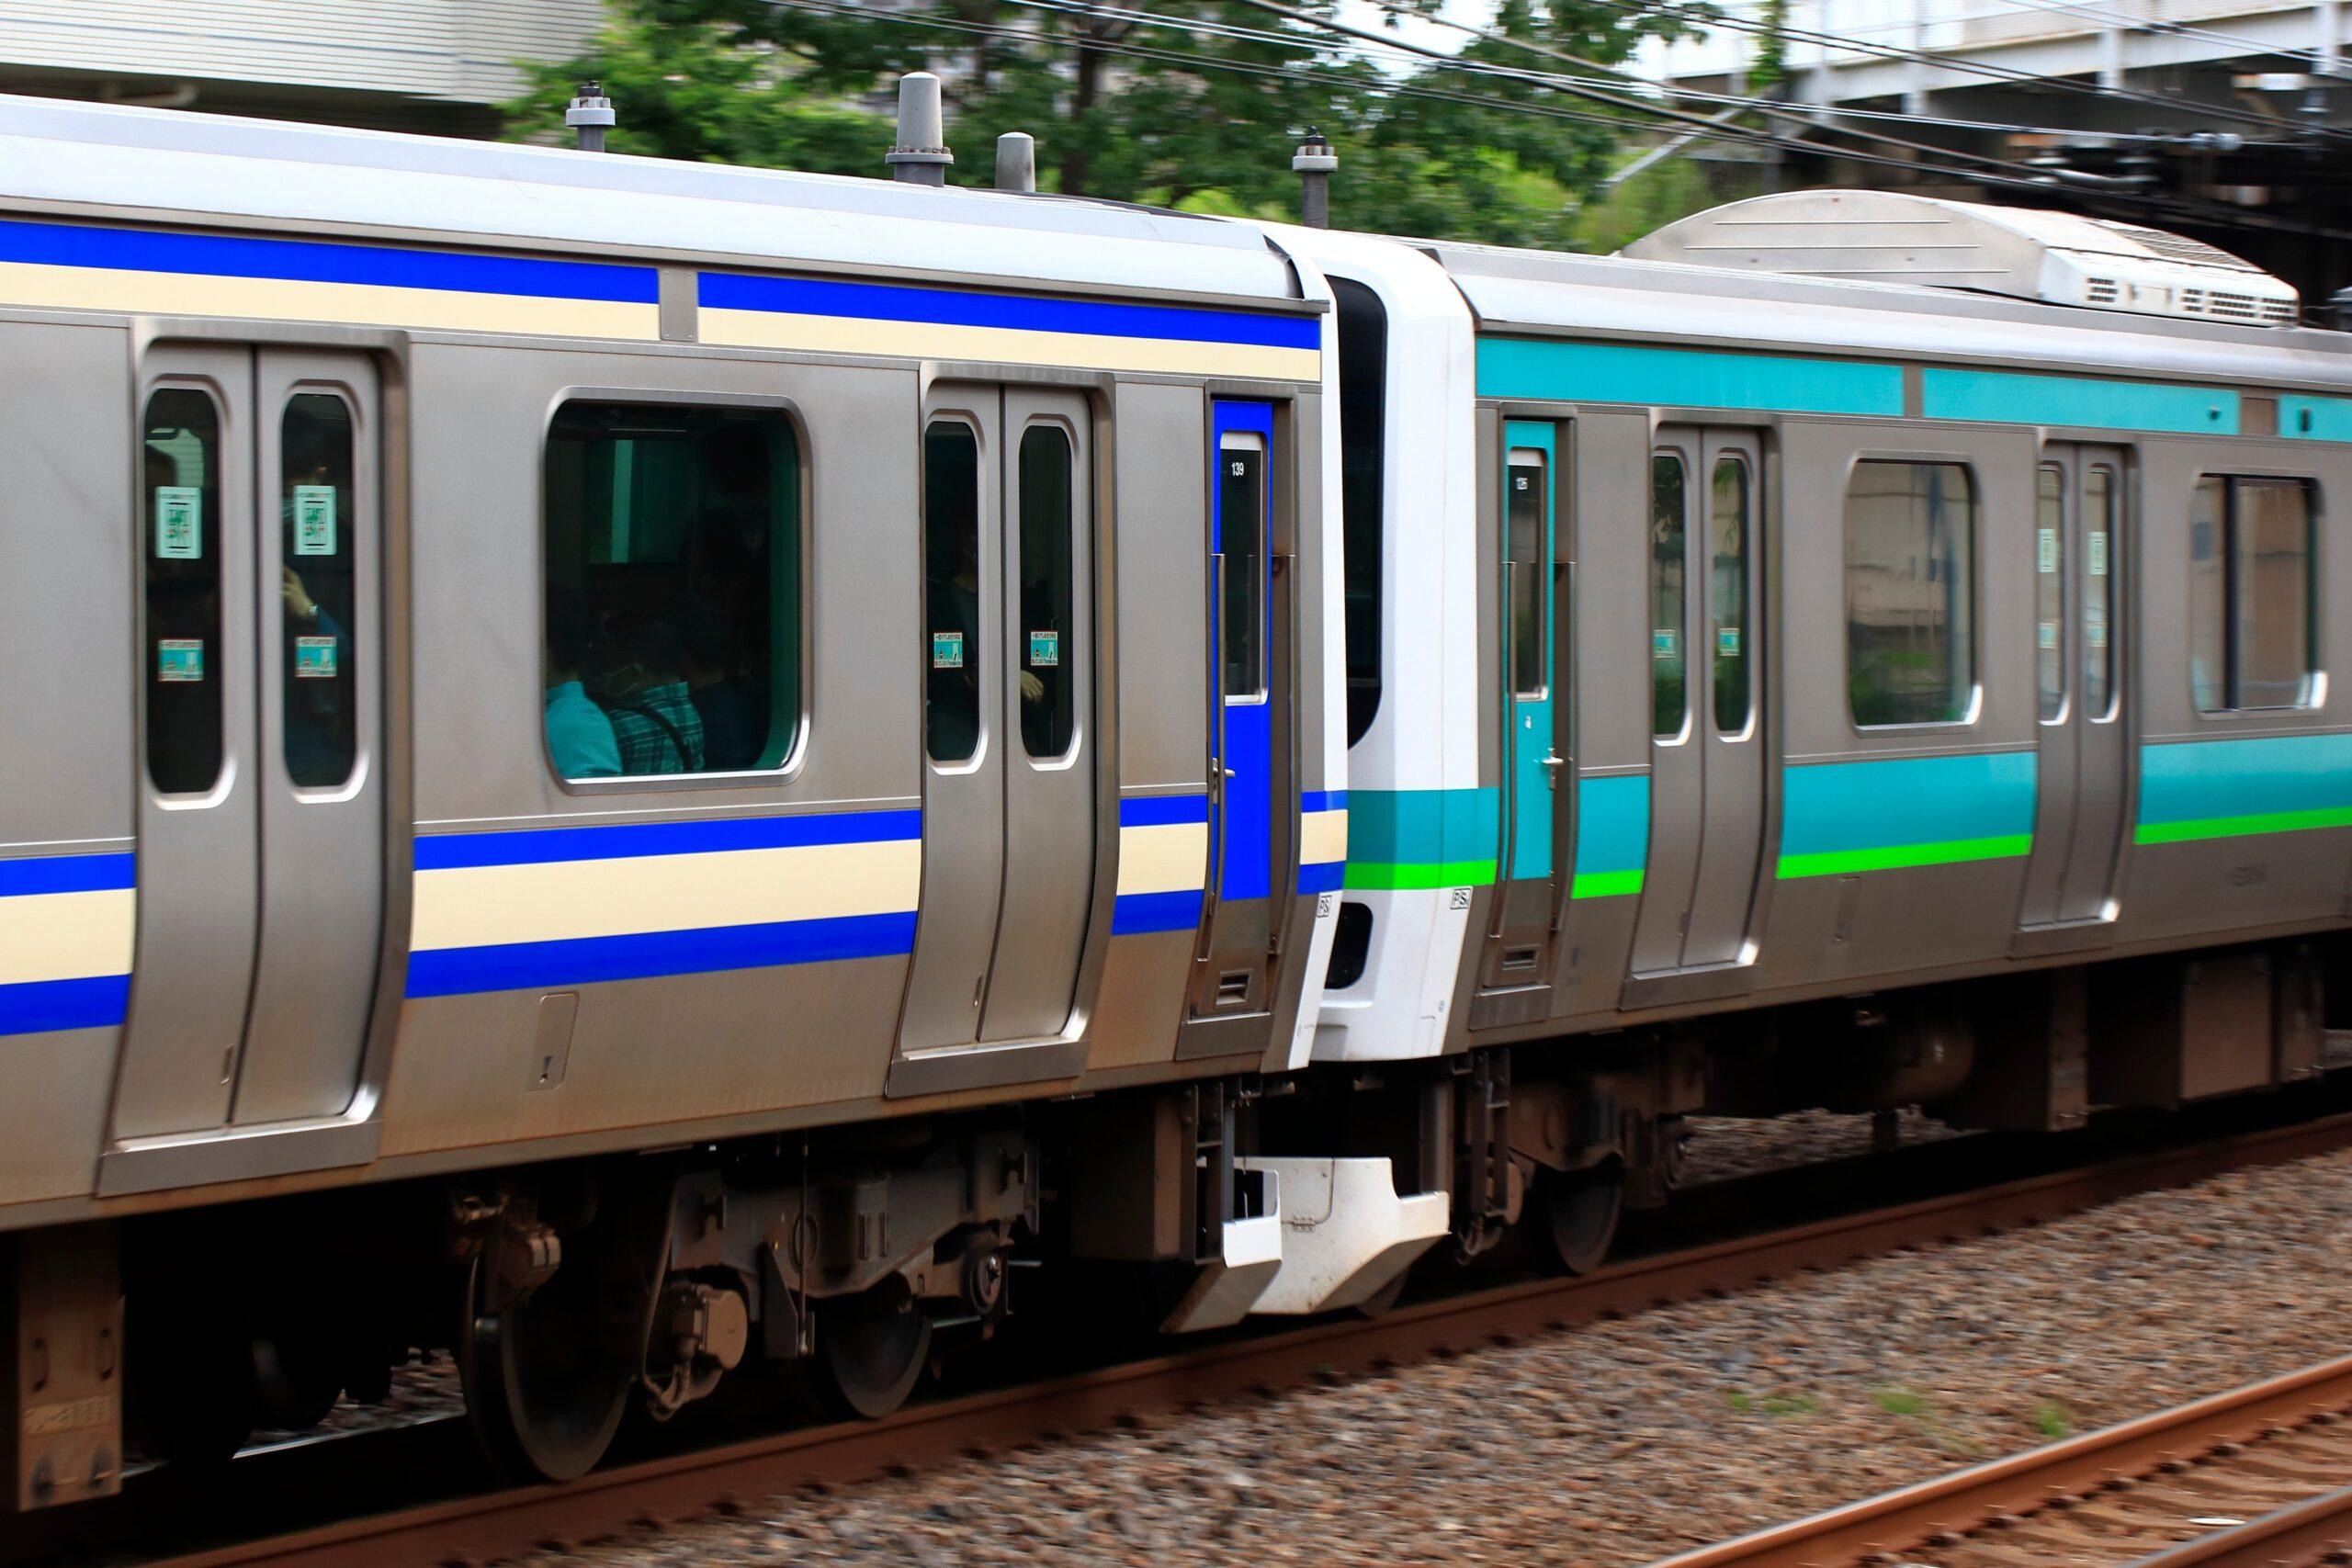 【横須賀と常磐が直通?】マト139編成が5+5両で常磐線10両代走 運用は?